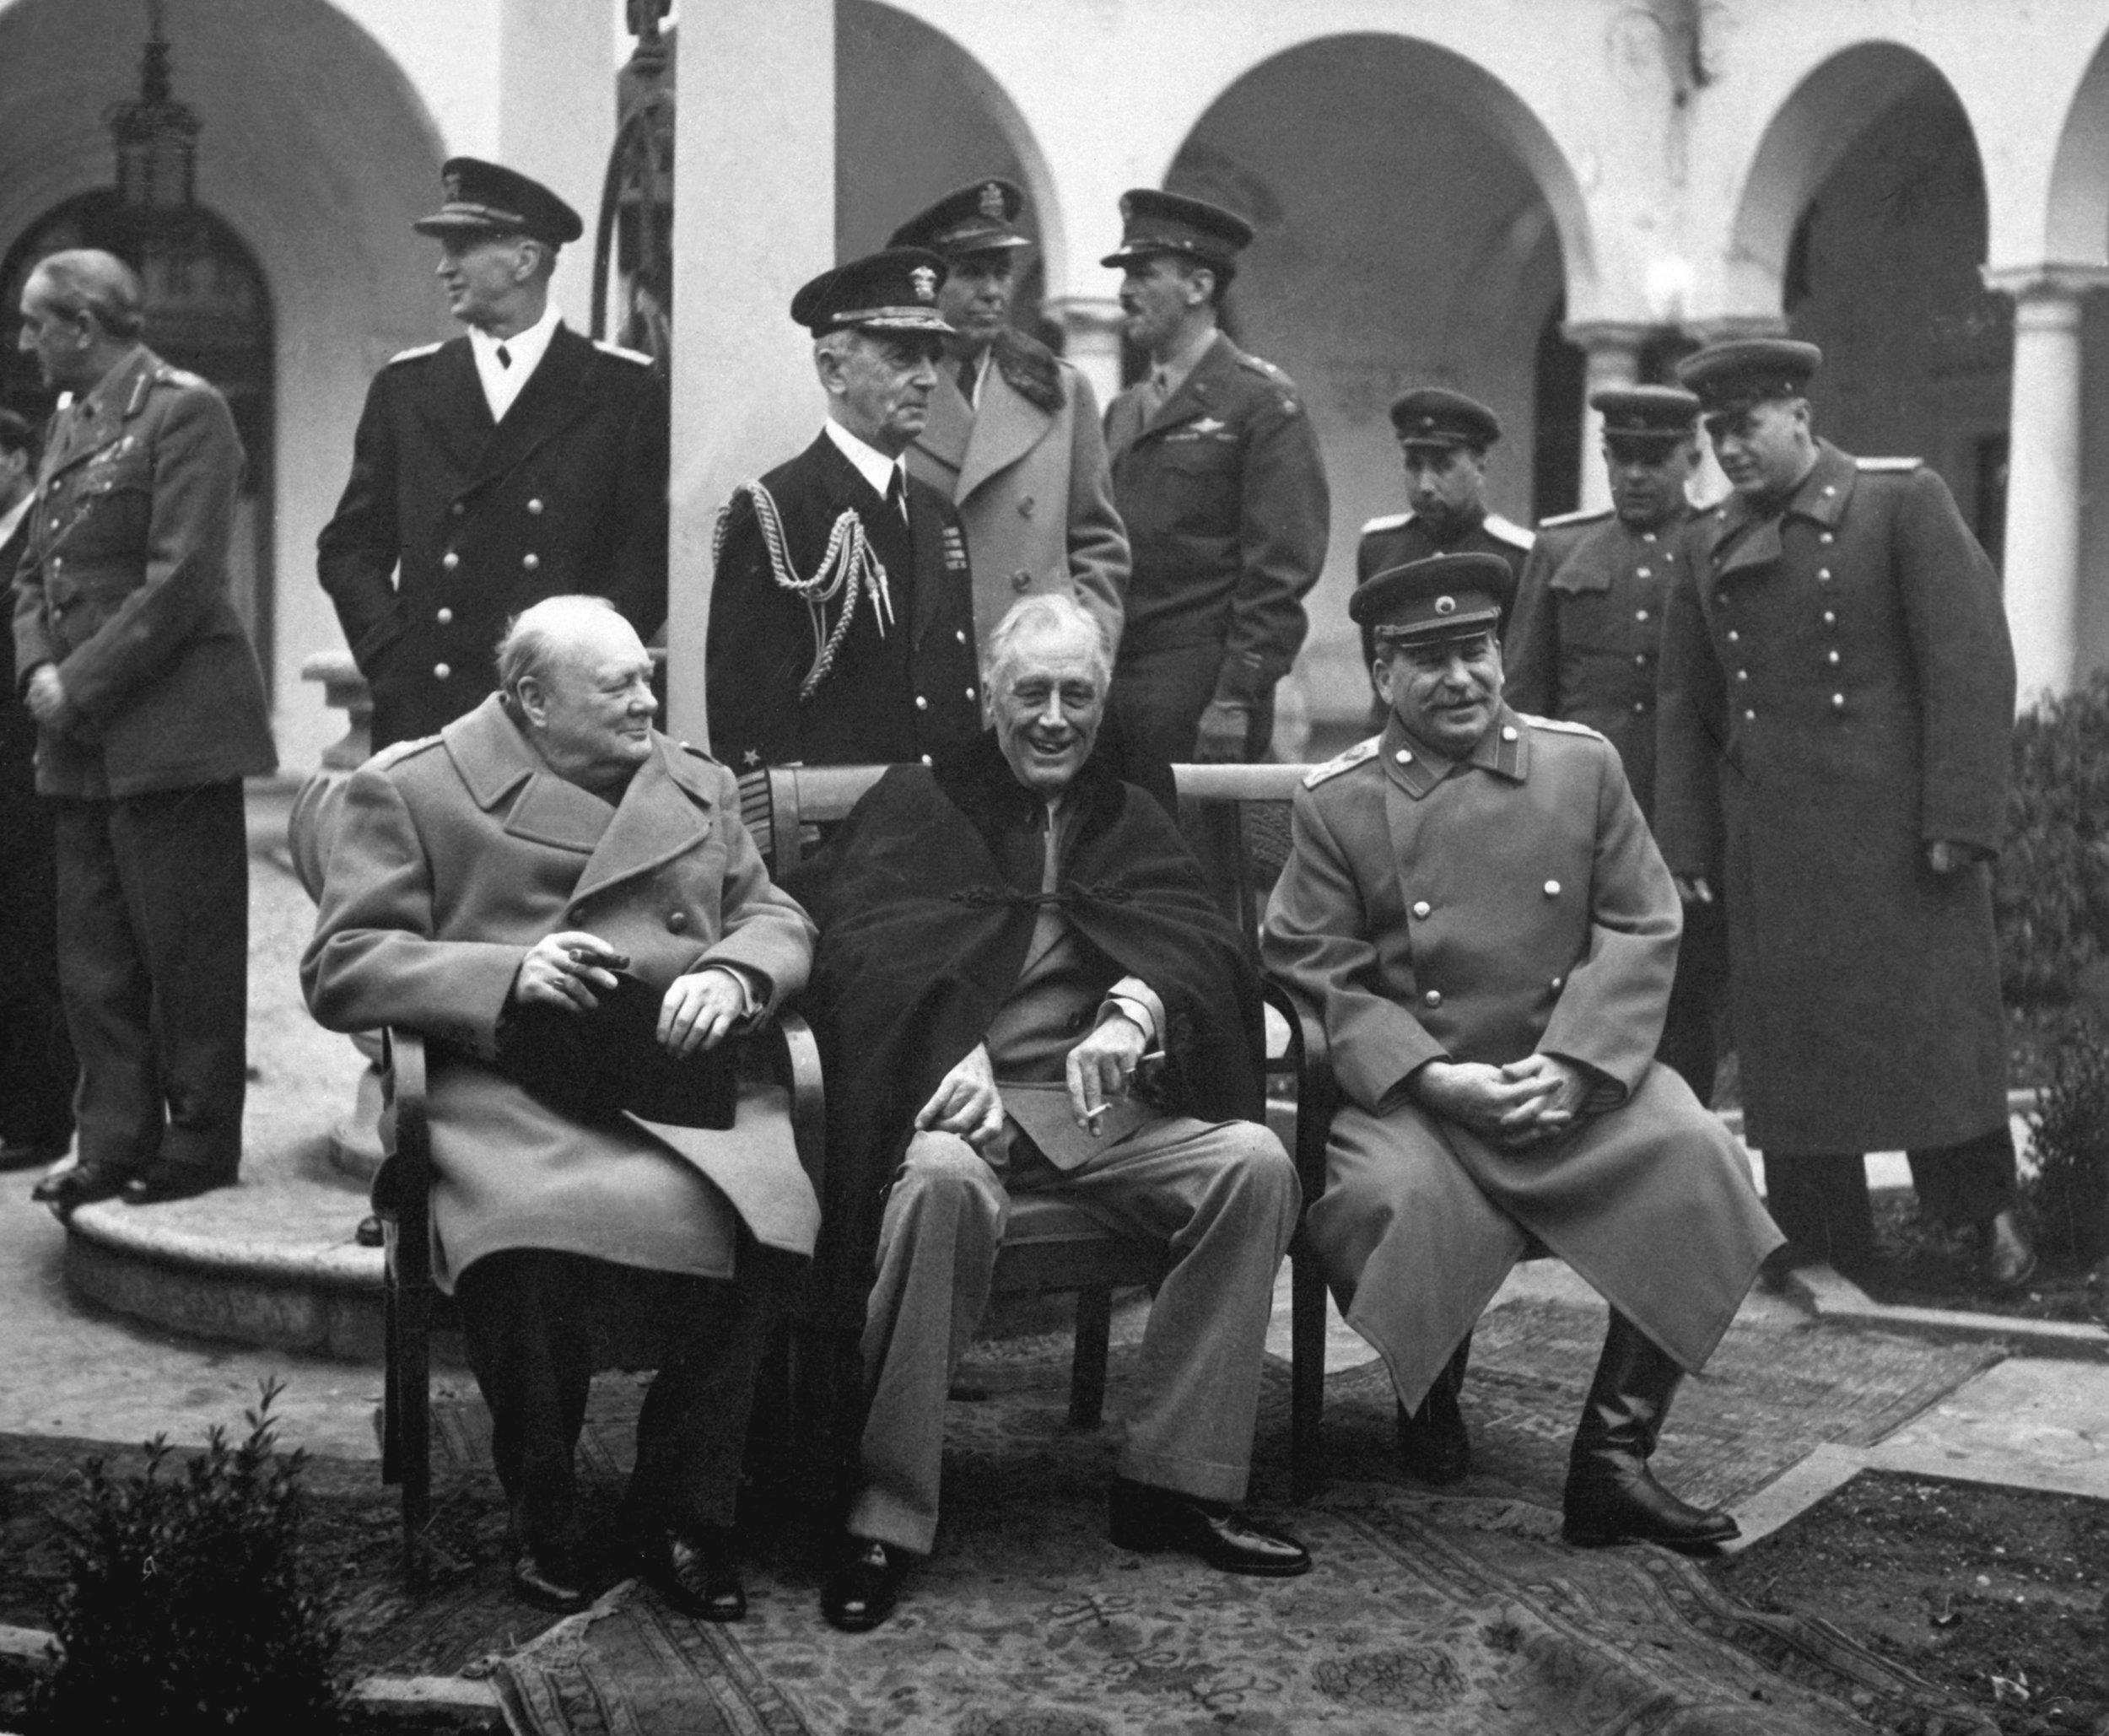 Winston Churchil (Inglaterra), F.D. Roosevelt (EEUU)y Stalin (Unión Soviética) participando en el reordenamiento de Europa tras el final de la guerra.